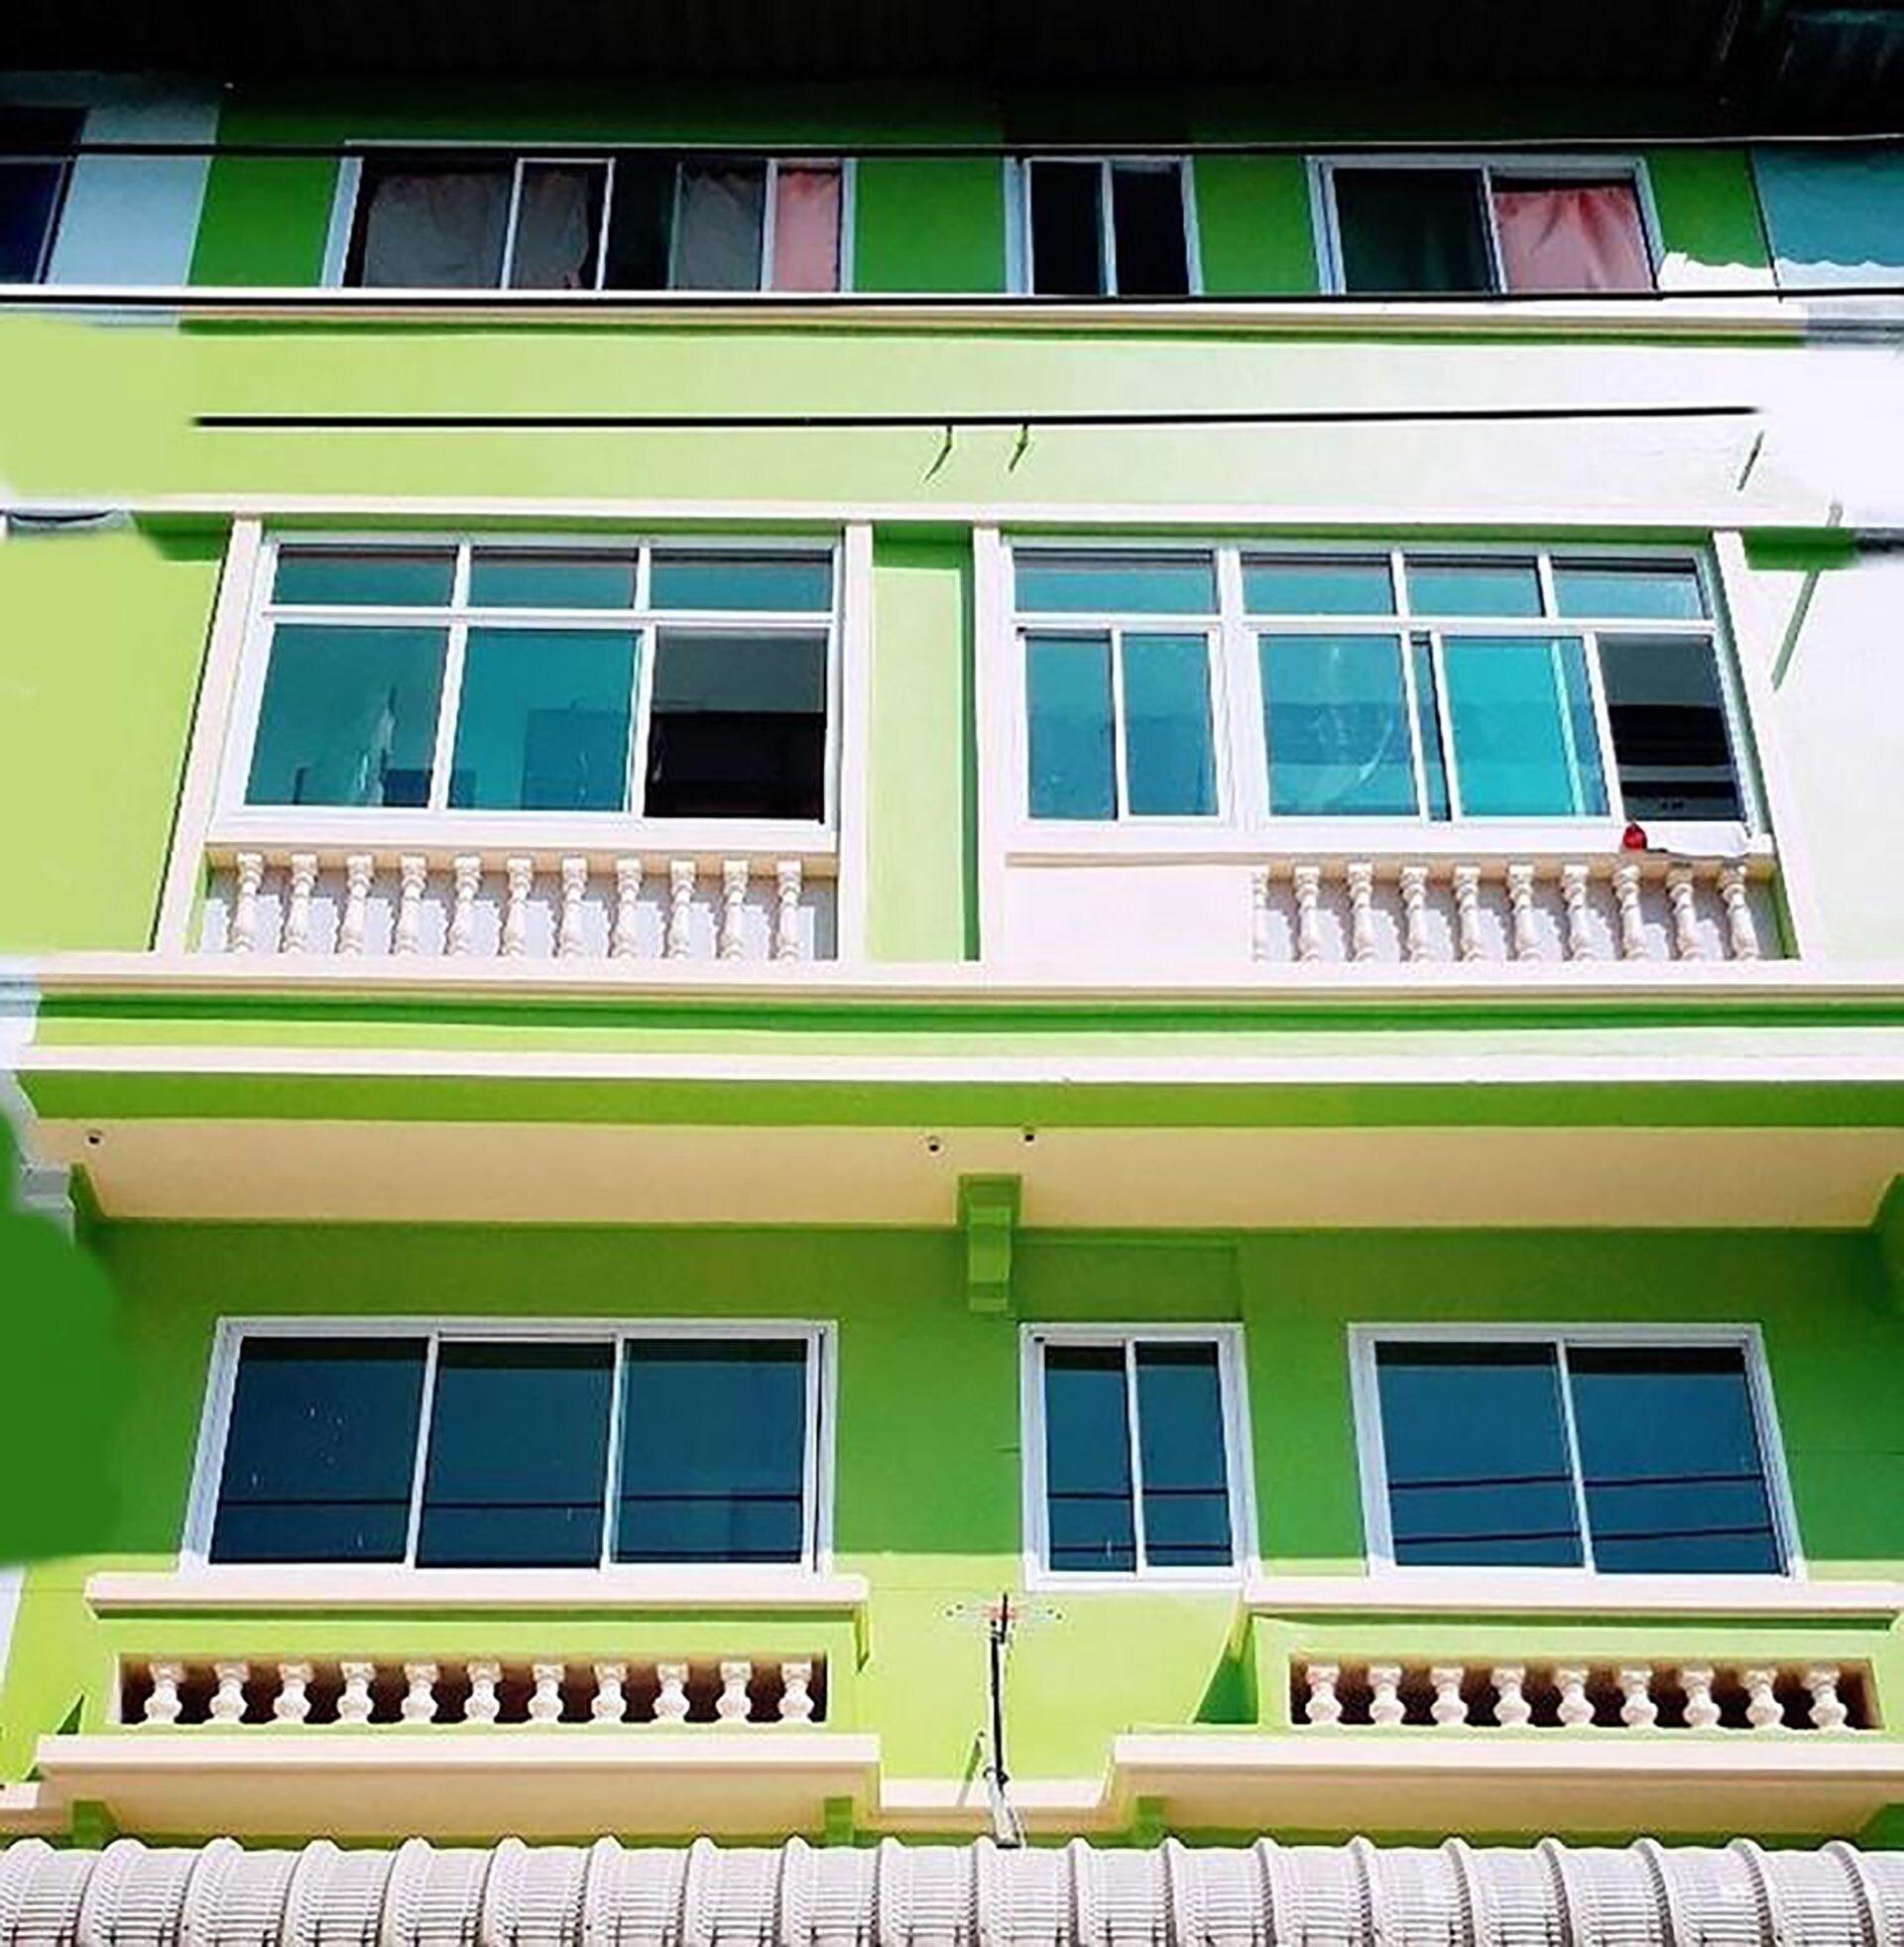 Natcha Place Rangsit Donmuang, Lam Luk Ka